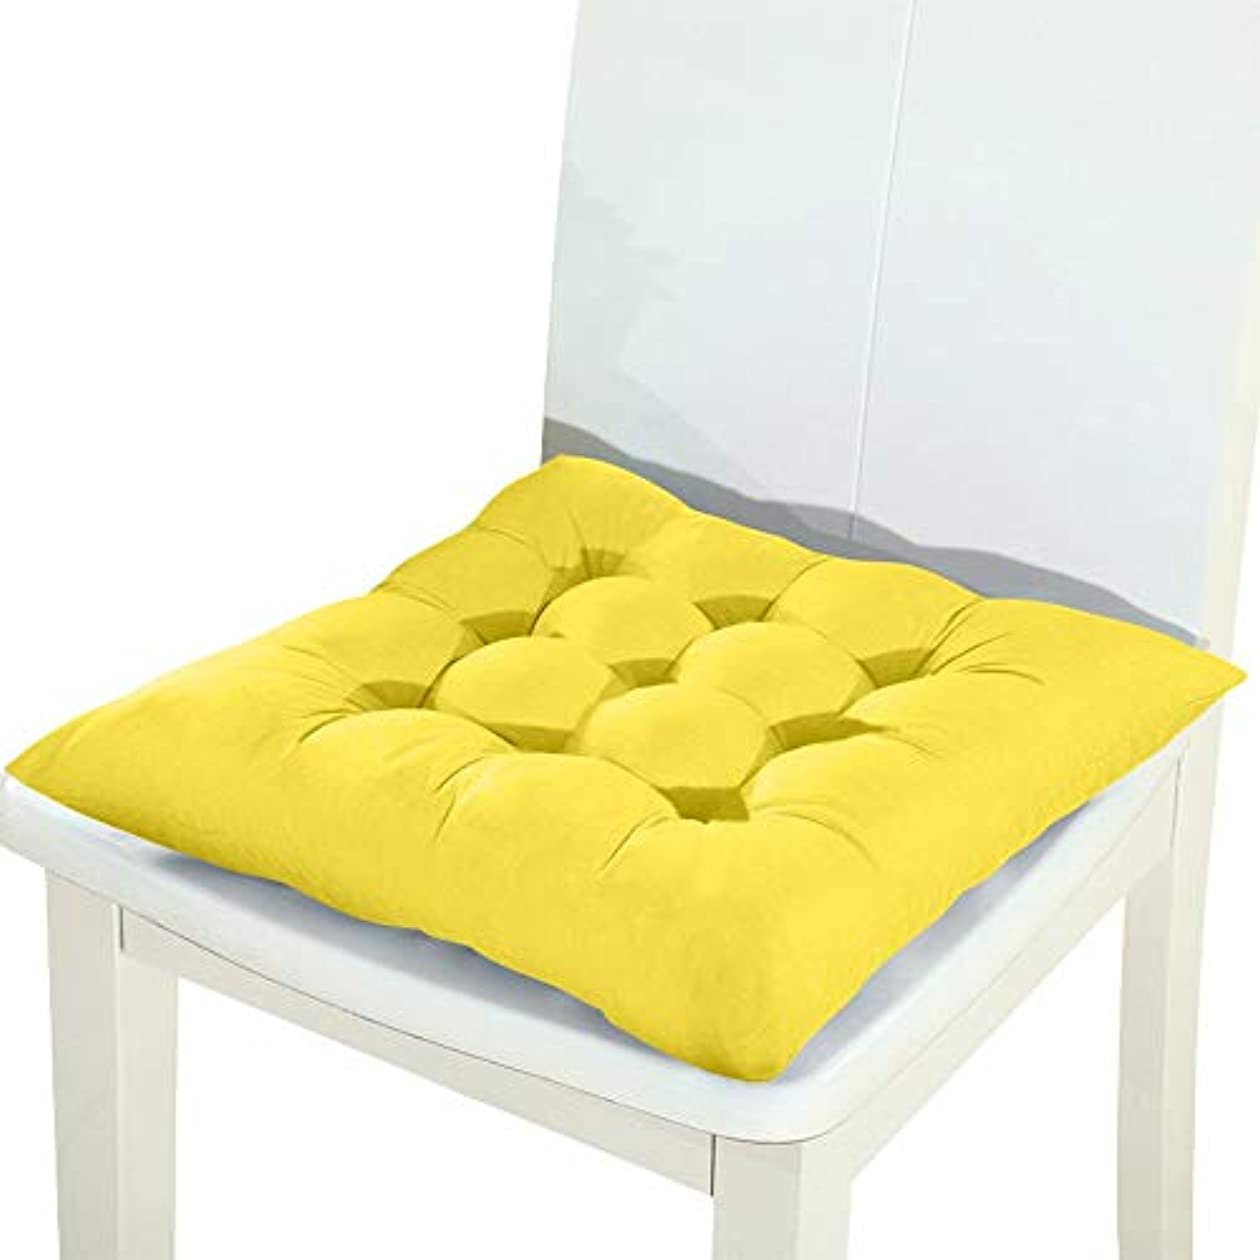 くしゃみ引用ハウスLIFE 1/2/4 個冬オフィスバー椅子バックシートクッションシートクッションパッドソファ枕臀部椅子クッション 37 × 37 センチメートル クッション 椅子